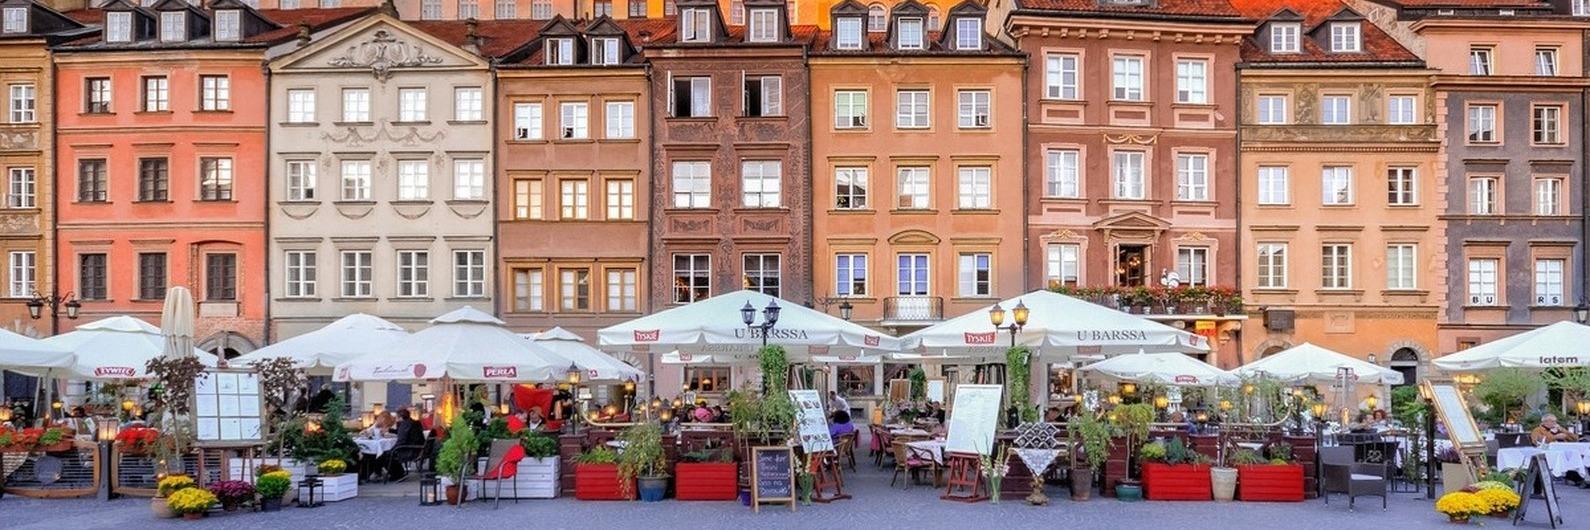 Se procura um destino diferente, não deixe de visitar Varsóvia